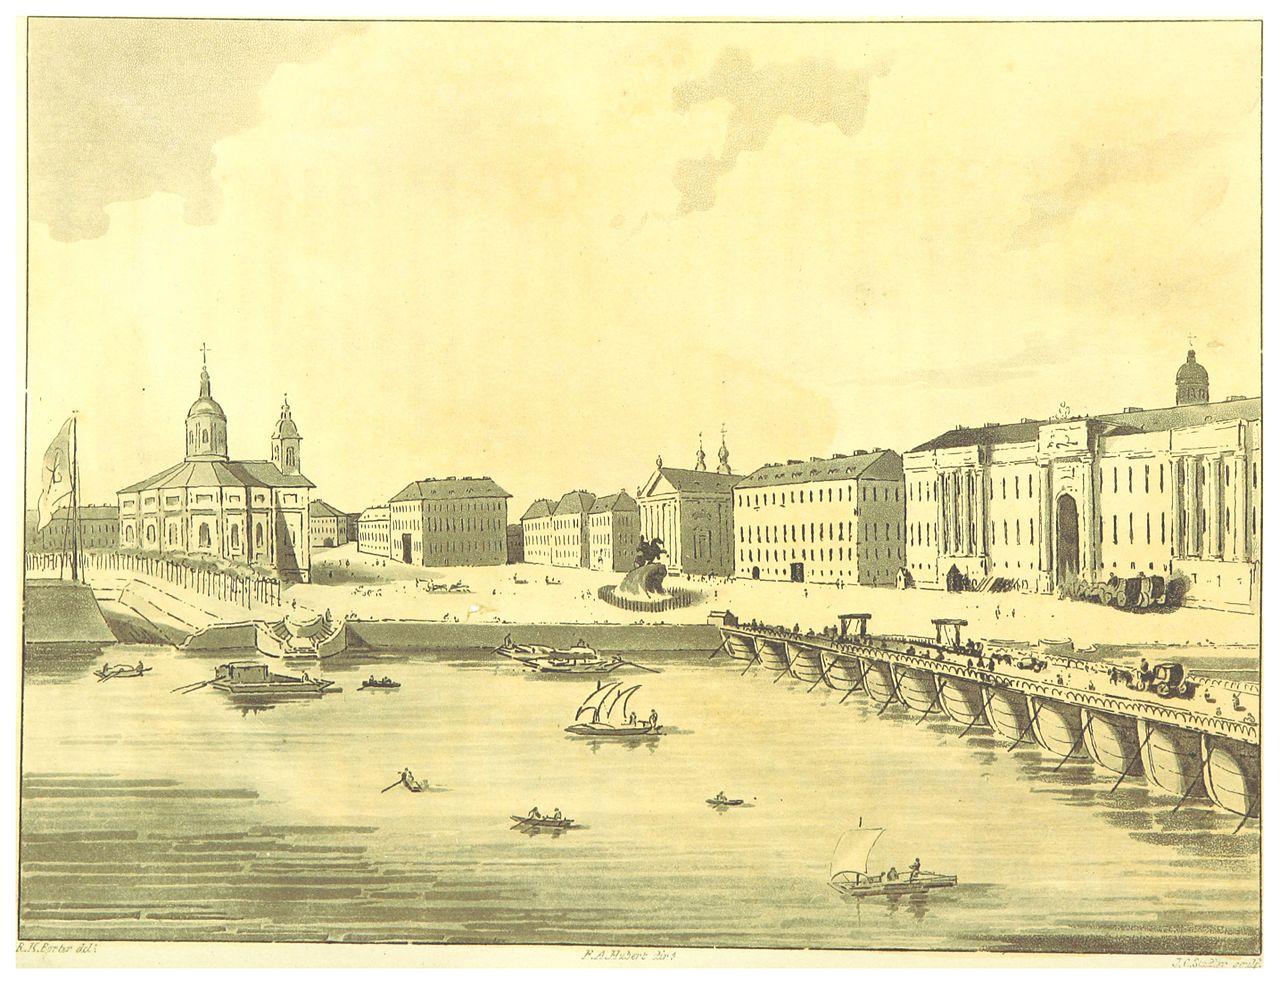 ПОРТЕР (1813 г.) p1.058 Исаакиевская площадь, Санкт-Петербург.jpg